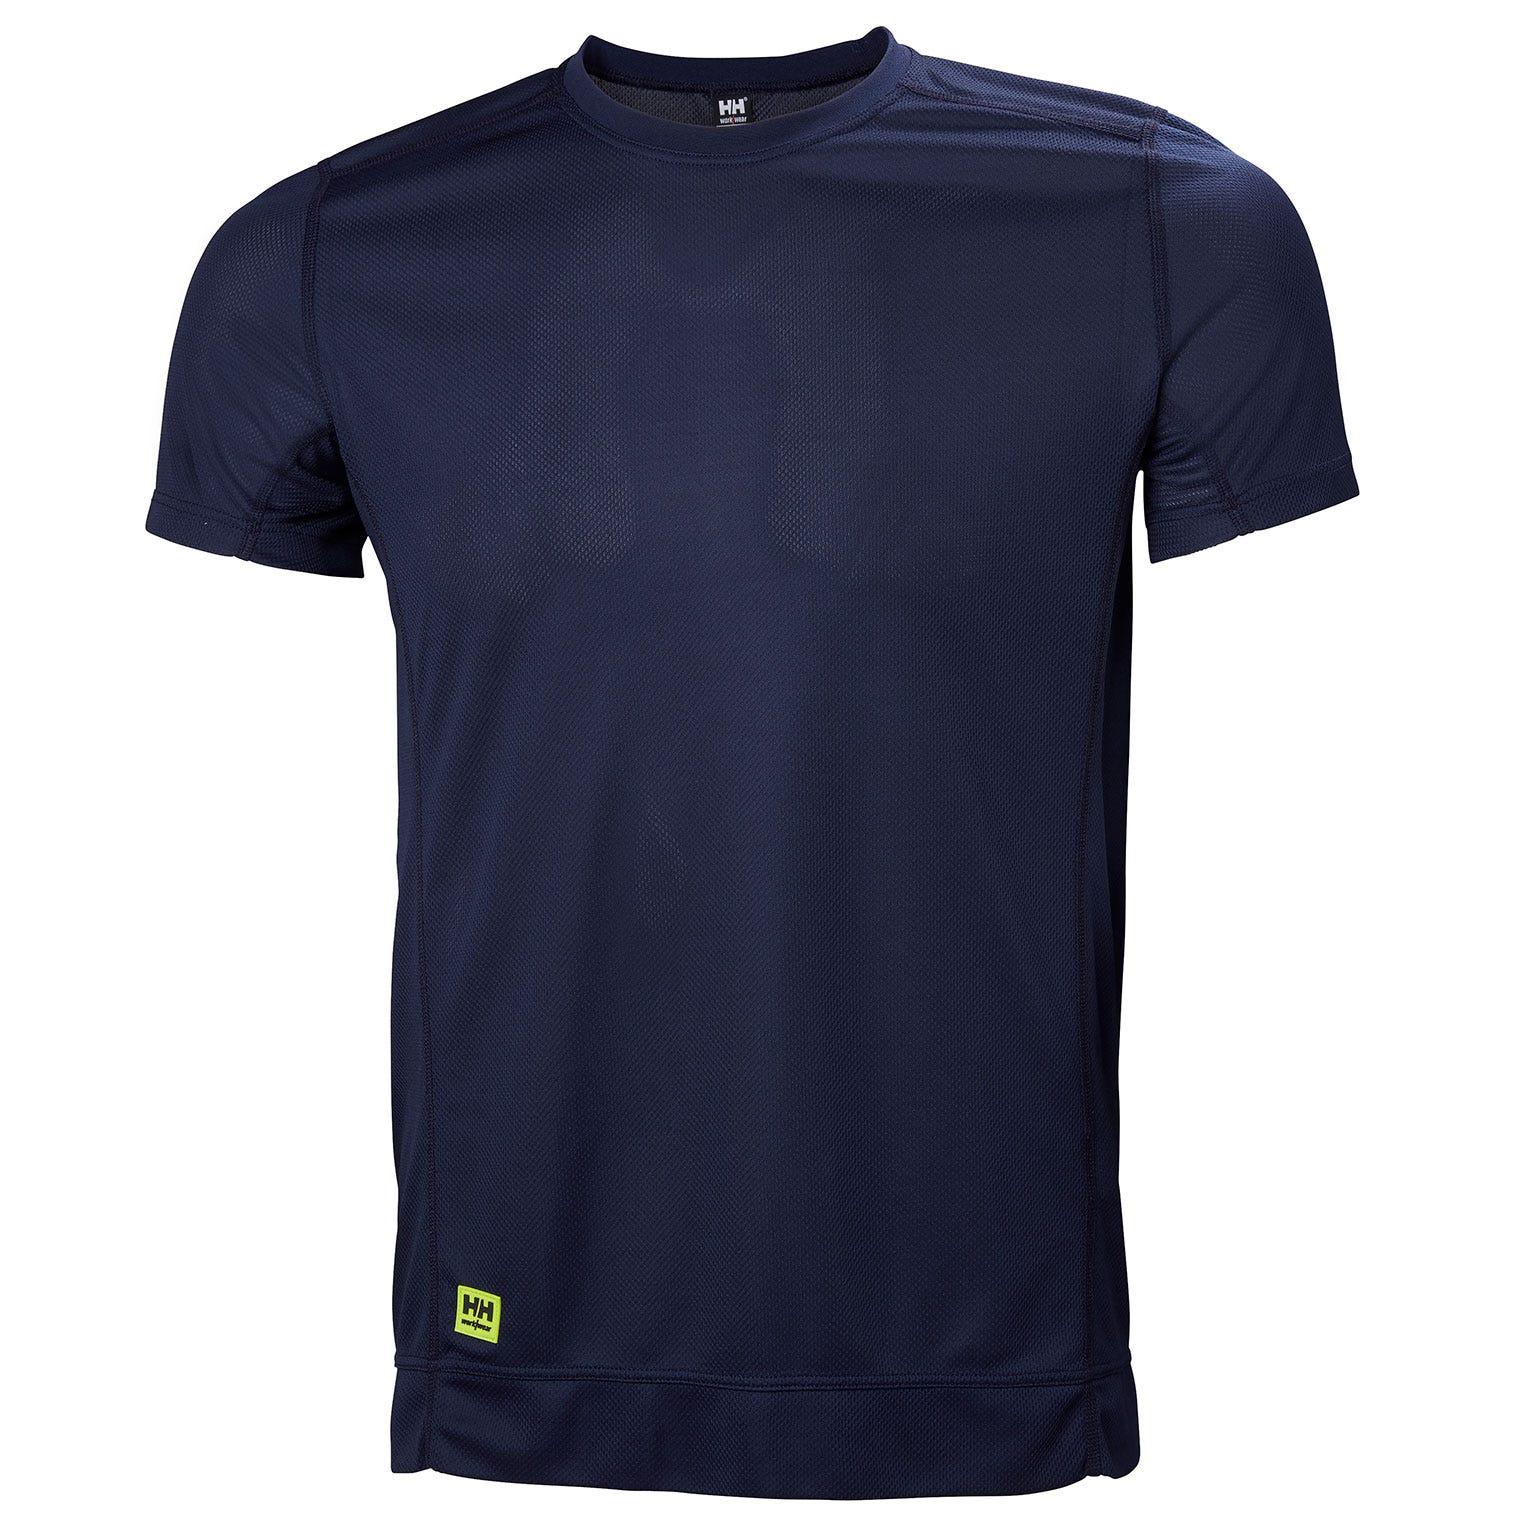 HH Workwear Workwear Hh Lifa T-shirt Navy S